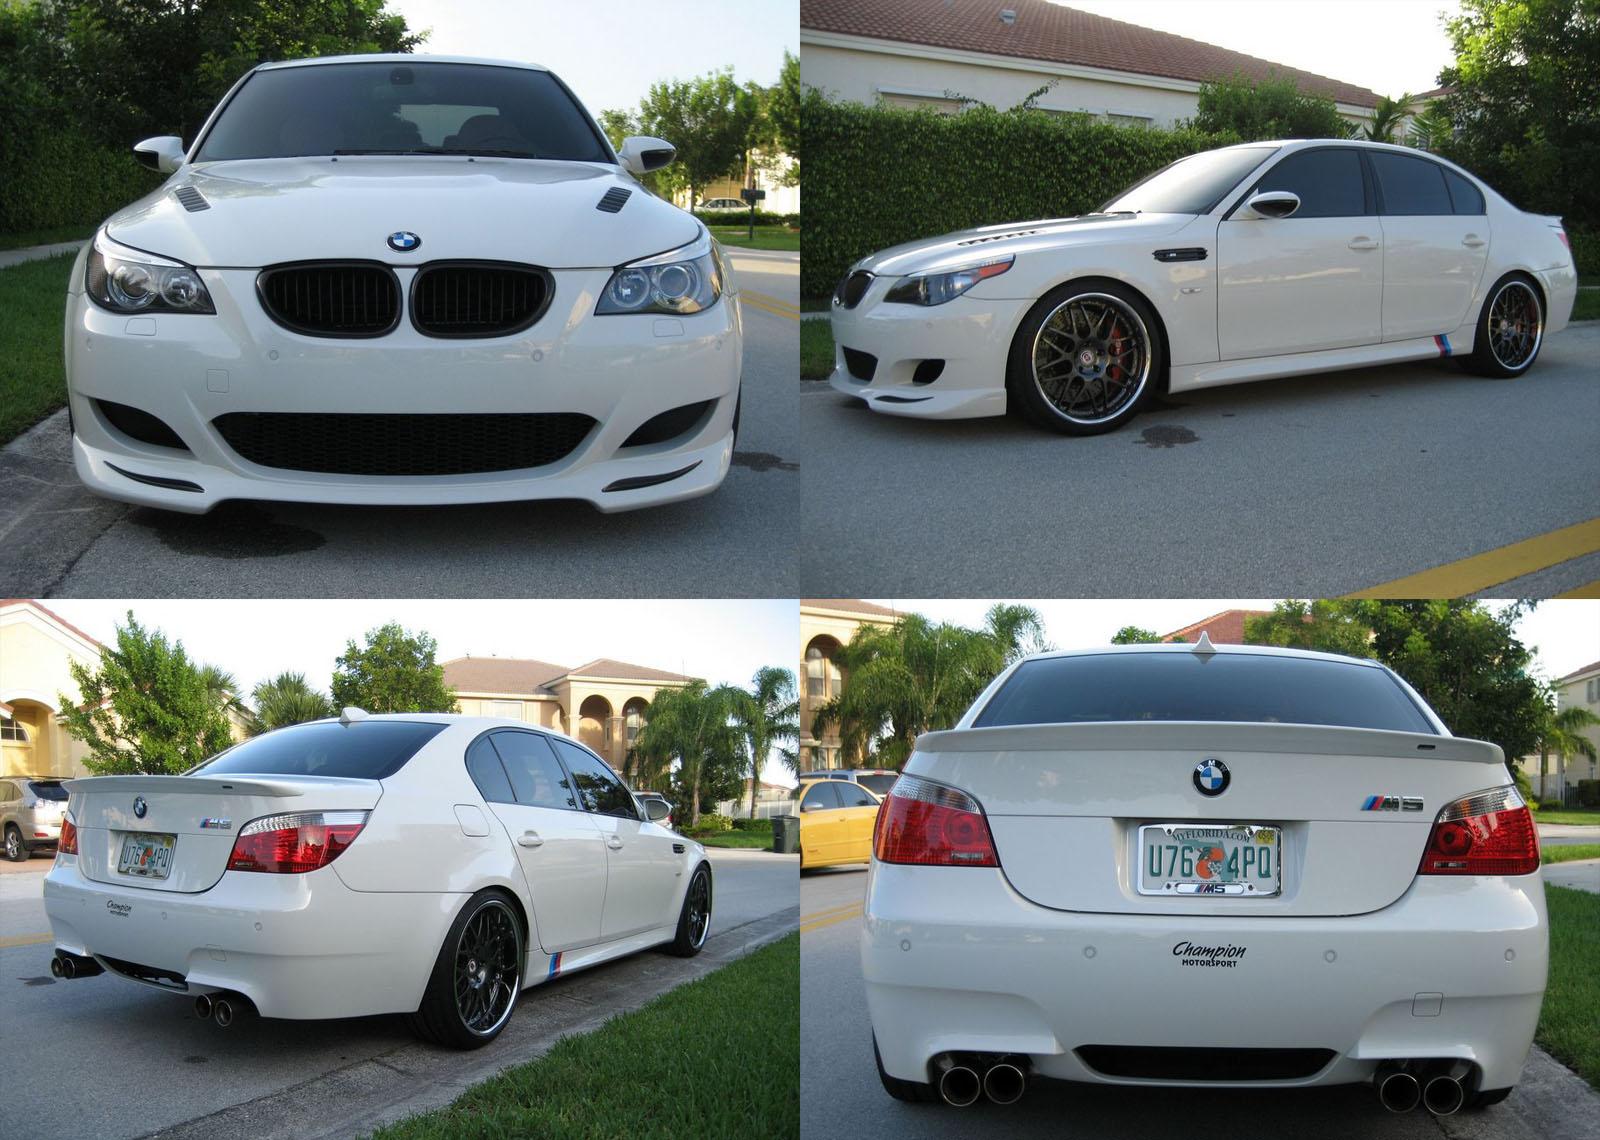 http://4.bp.blogspot.com/_61Q-ejLIr8U/TU45pC81JyI/AAAAAAAAACY/l4vxA8A7HZk/s1600/-BMW-M5+2006.jpg